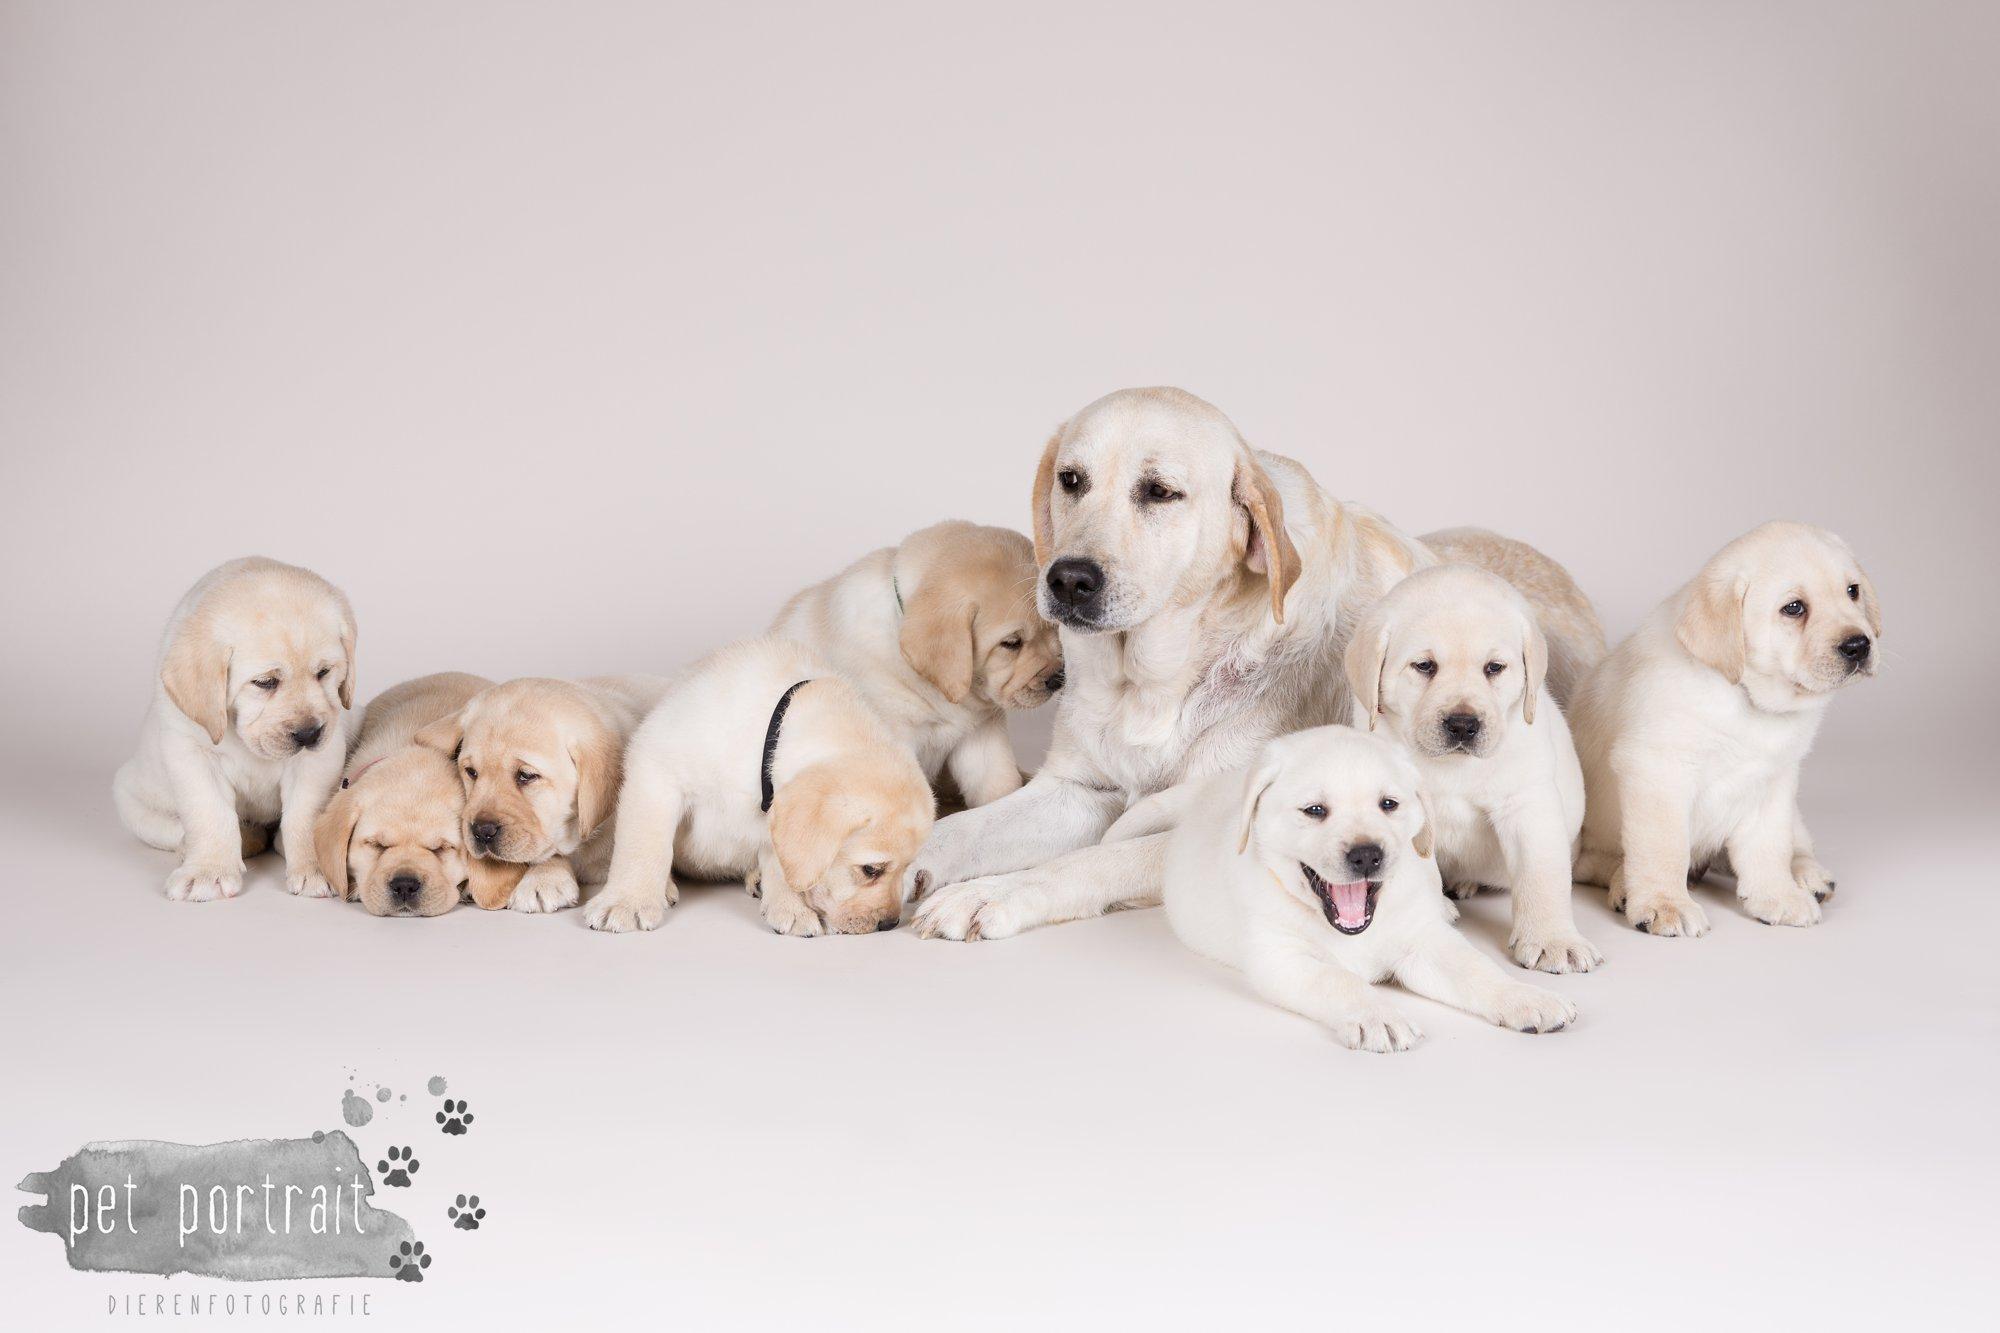 Hondenfotograaf Hillegom - Nestfotoshoot voor Labrador pups-24